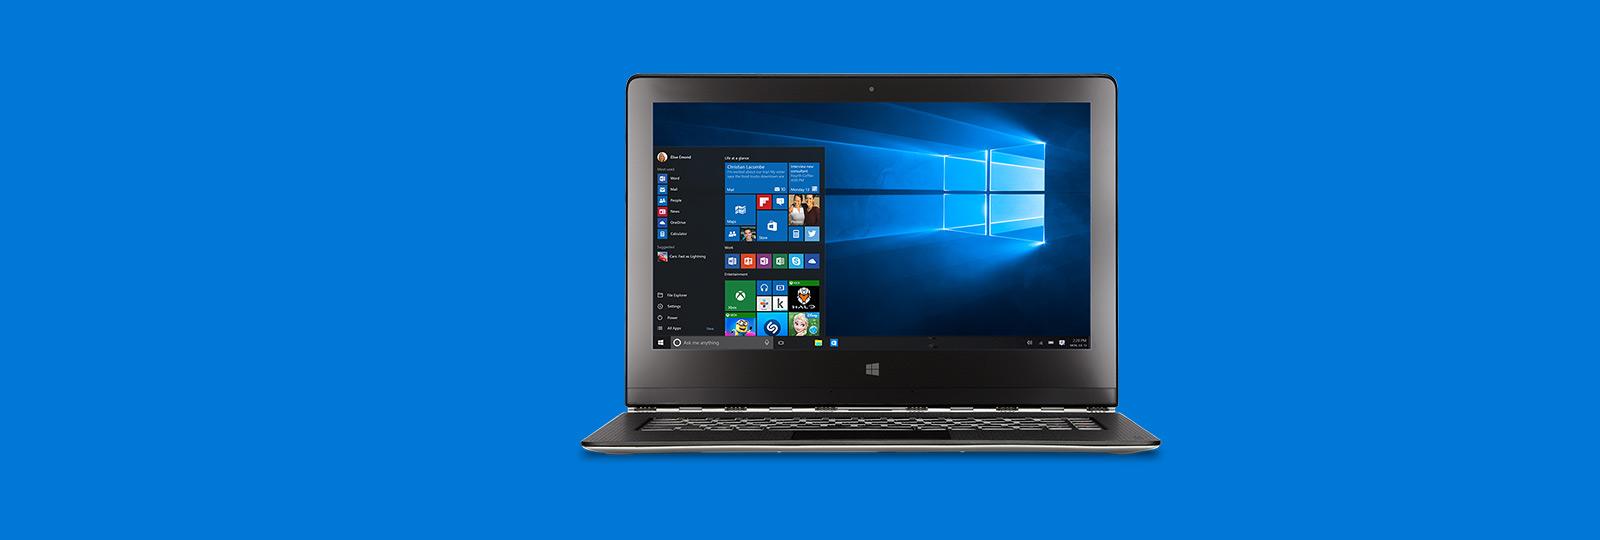 O melhor Windows de sempre. Atualização gratuita.*